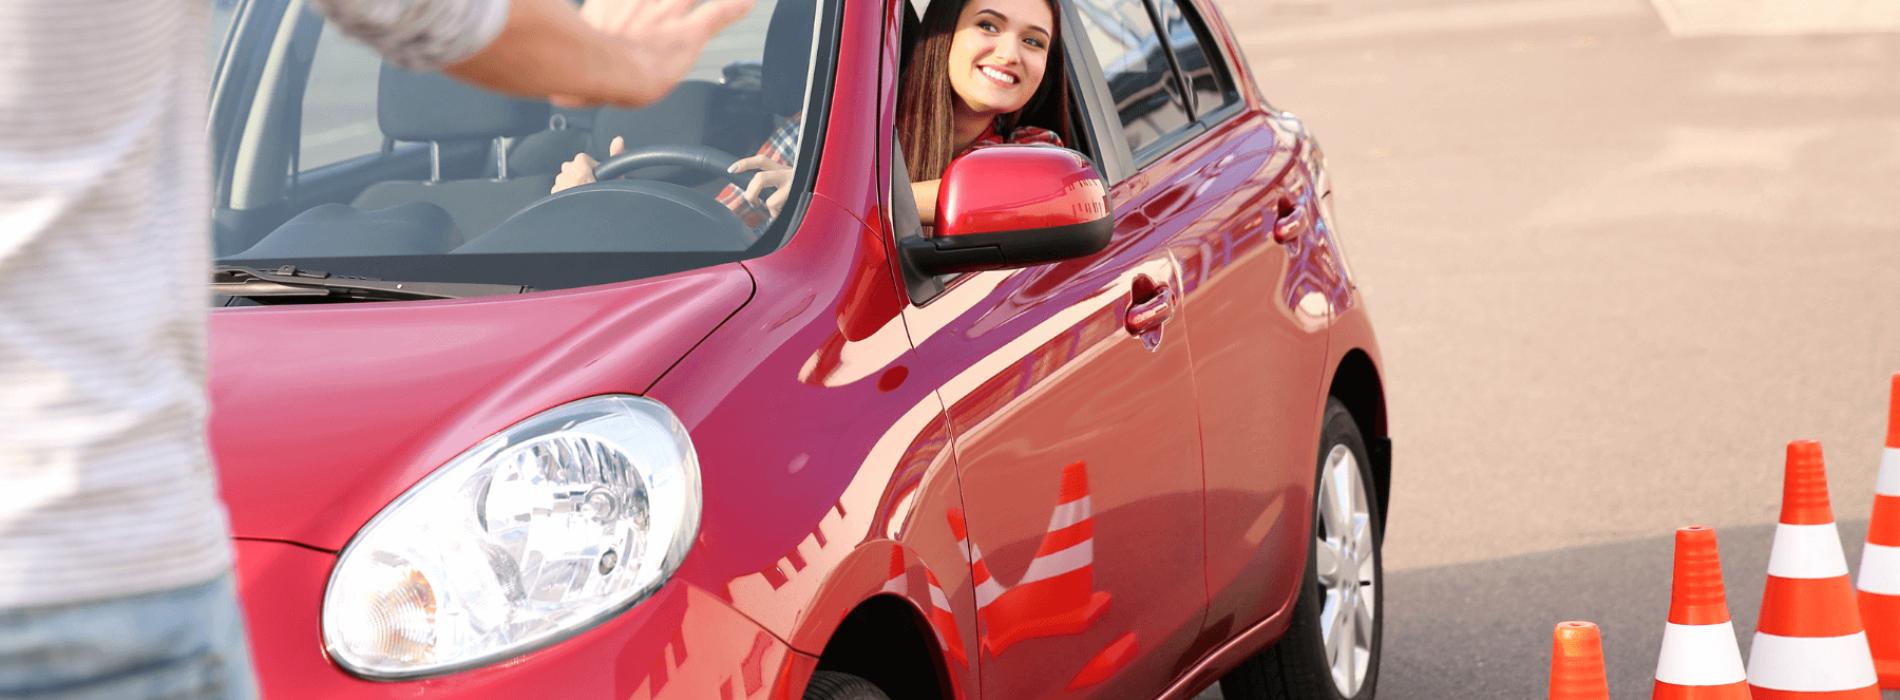 Ile kosztuje prawo jazdy w Warszawie?